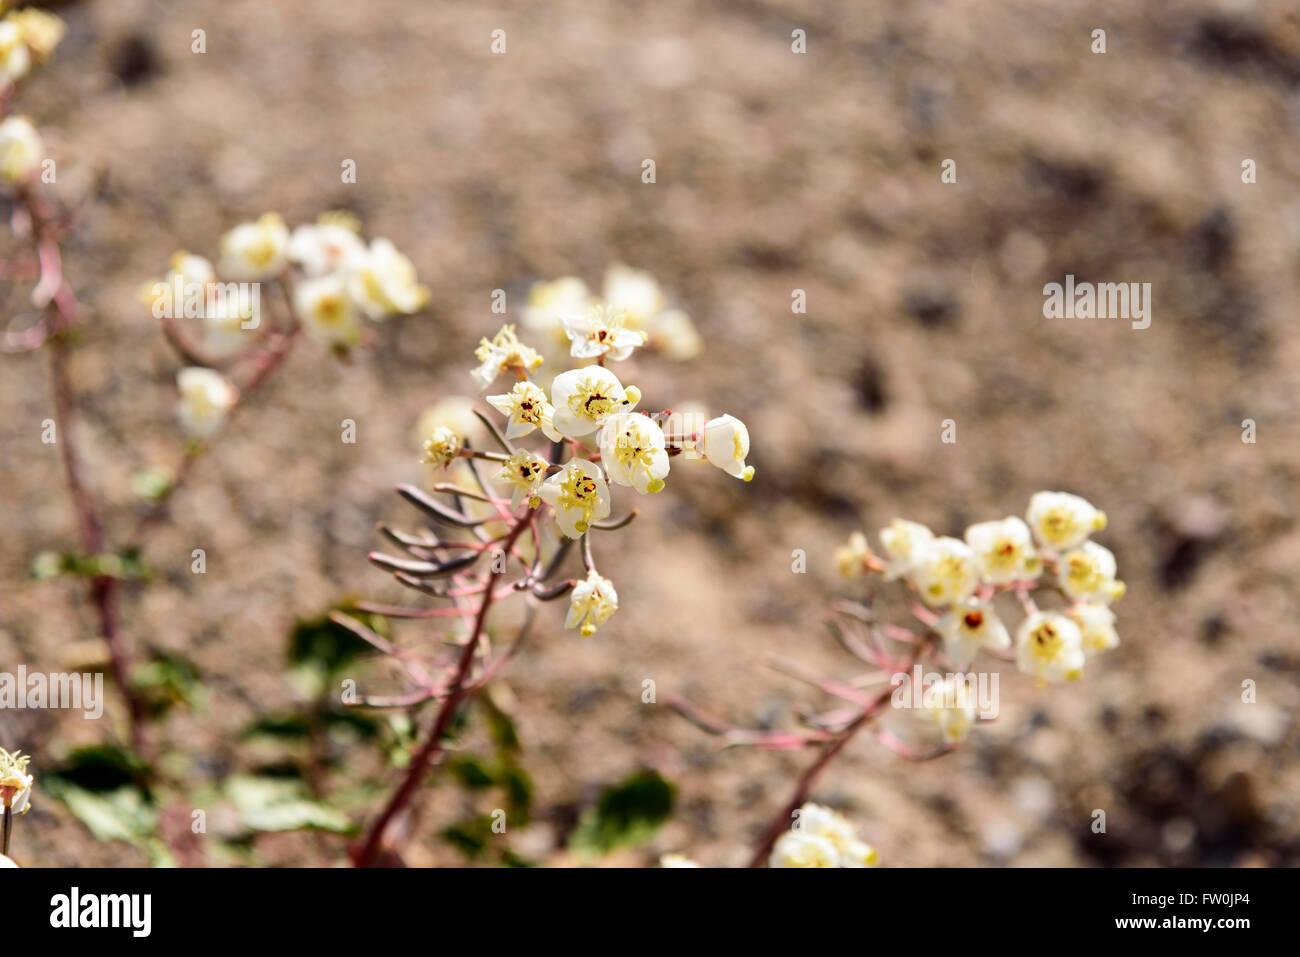 White desert flowers stock photos white desert flowers stock white desert flowers close to ground stock image mightylinksfo